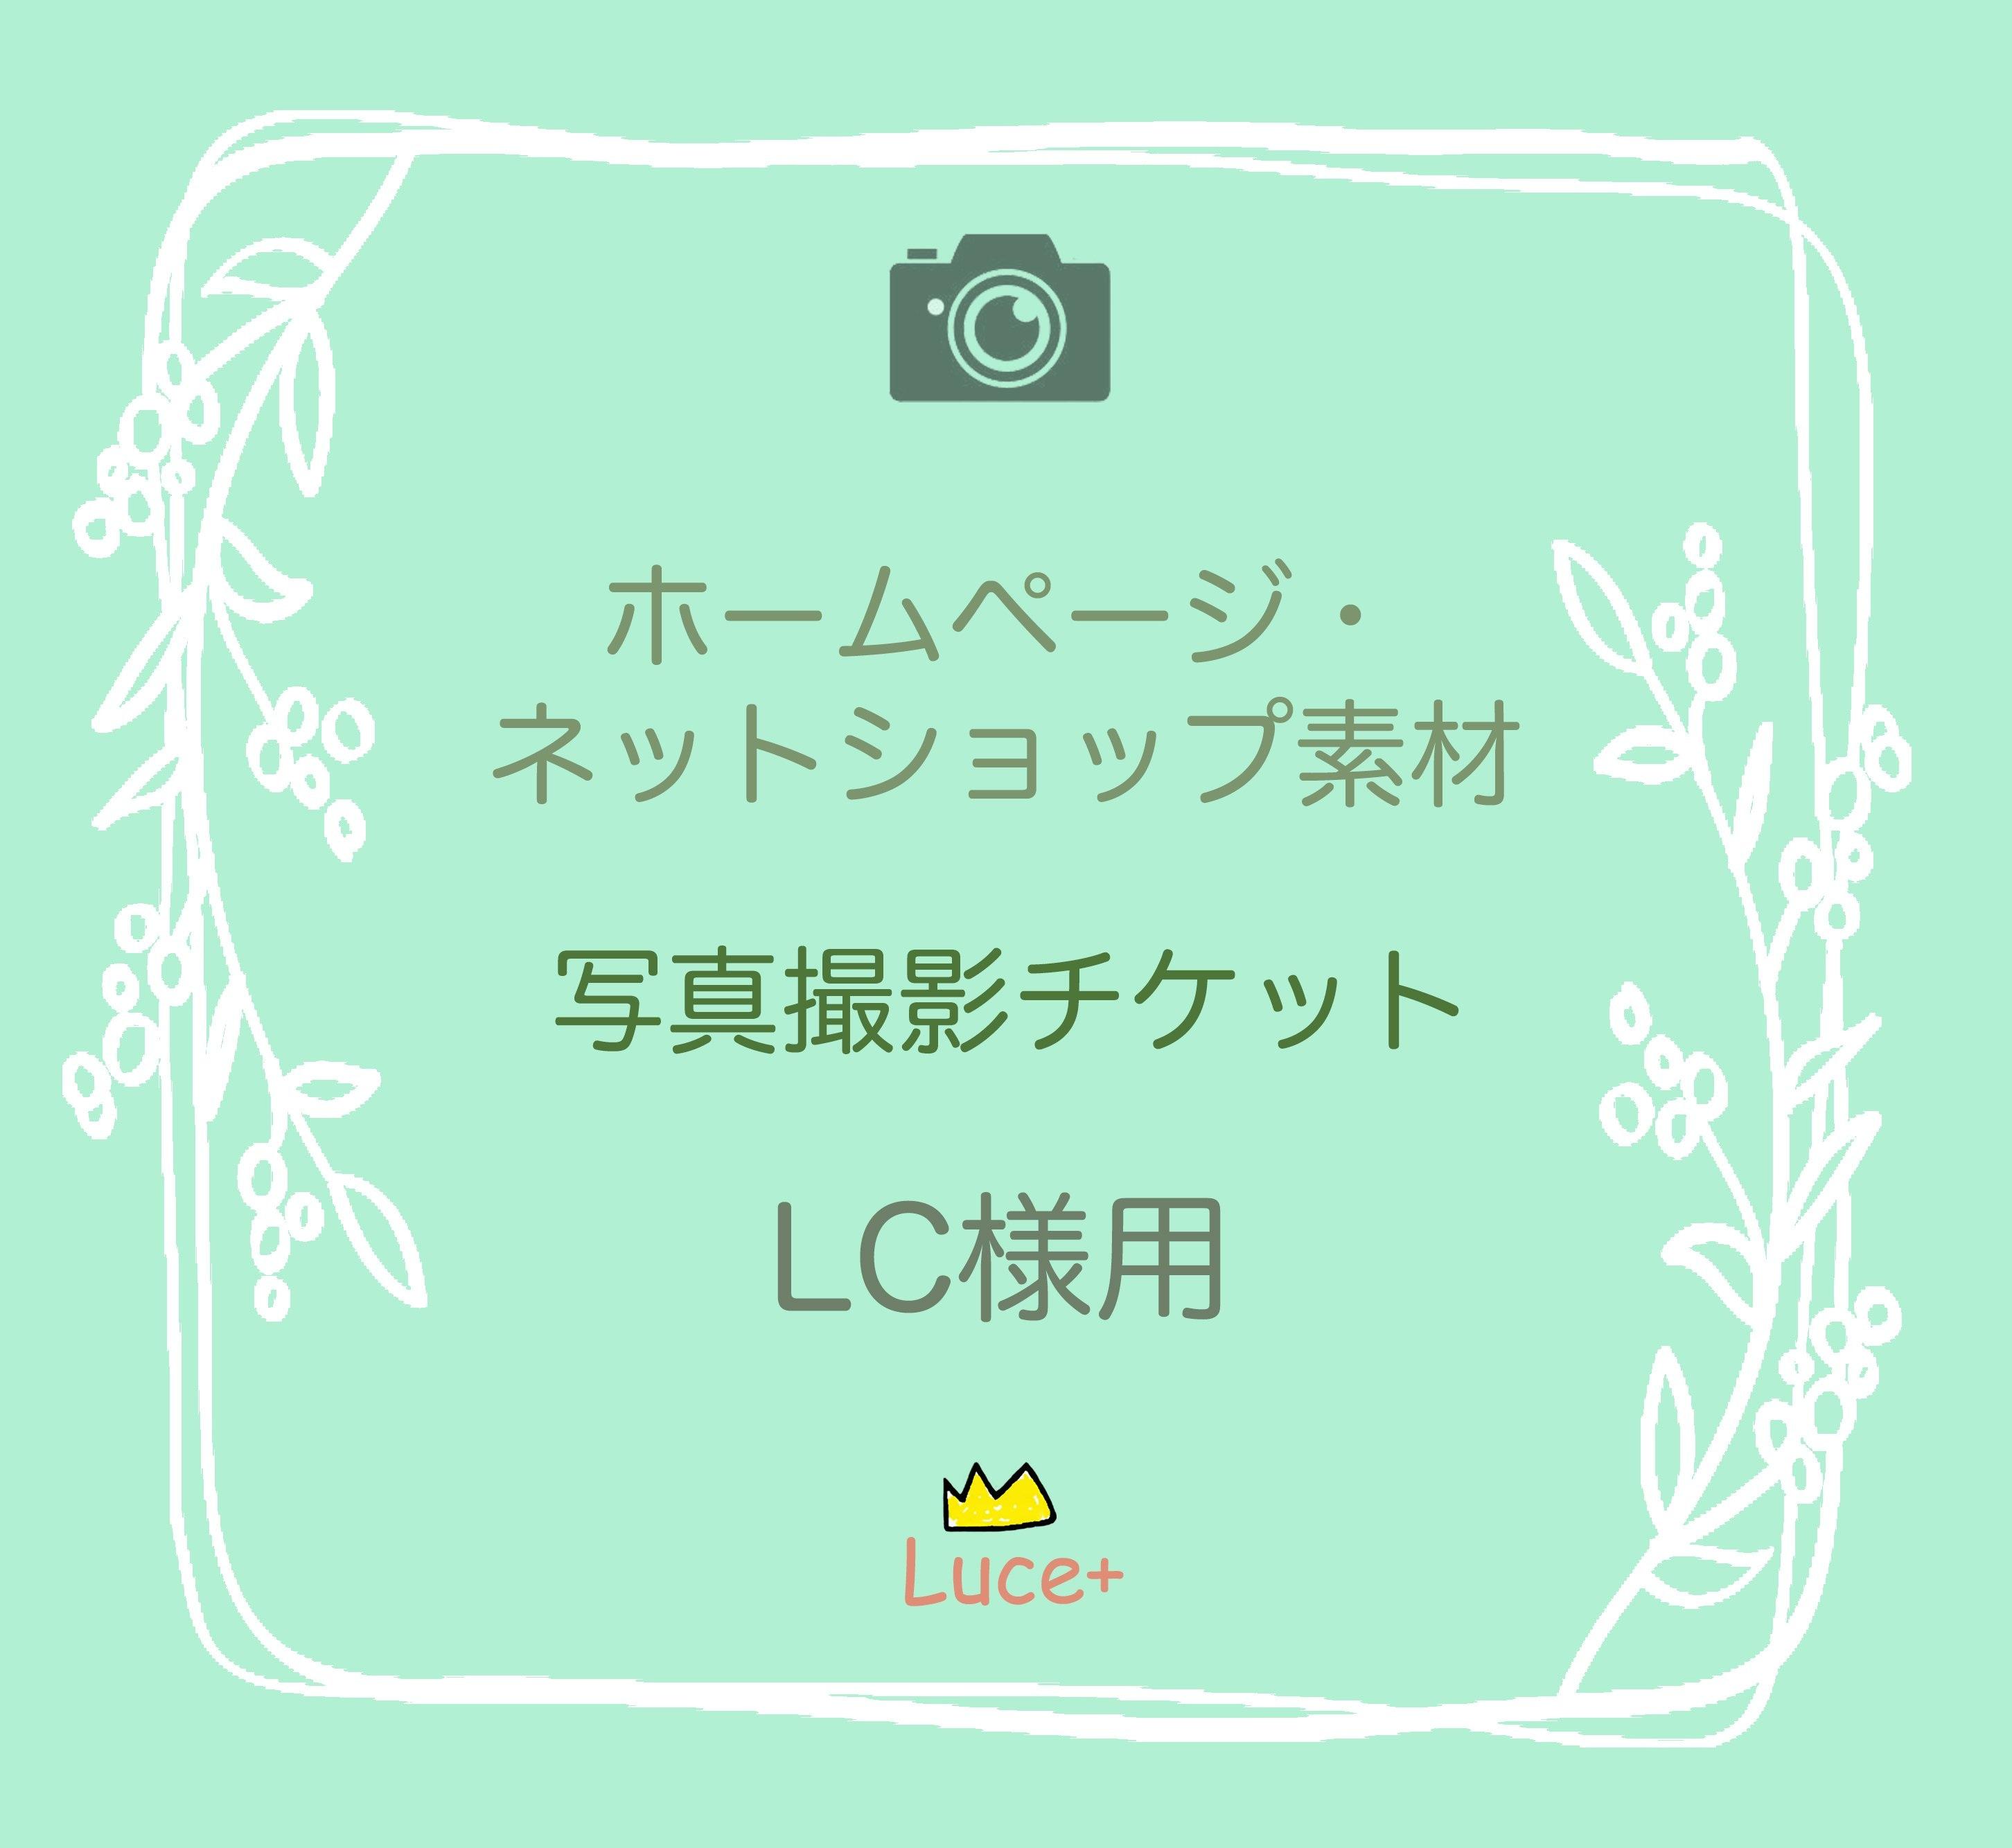 Lilycraft様用 写真撮影 ホームページ・ネットショップ用のイメージその1